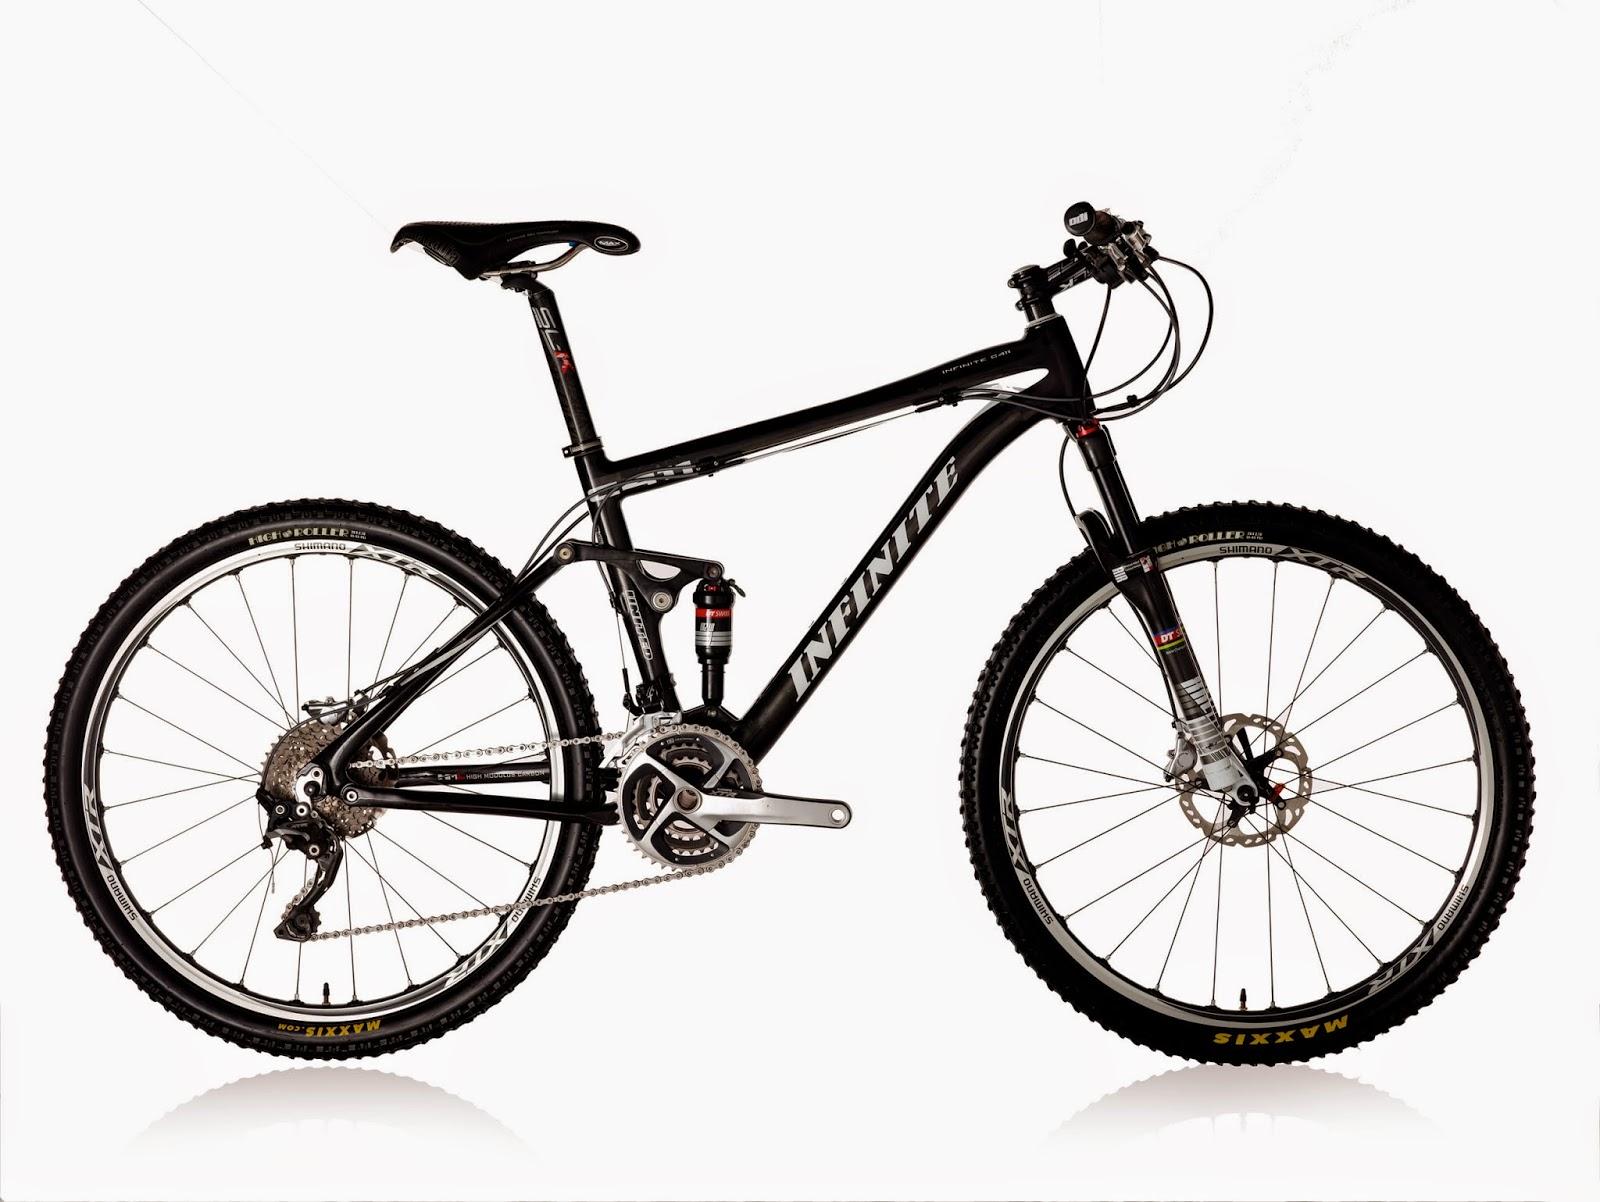 Harga Sepeda Gunung United Terbaru Harga Sepeda Gunung